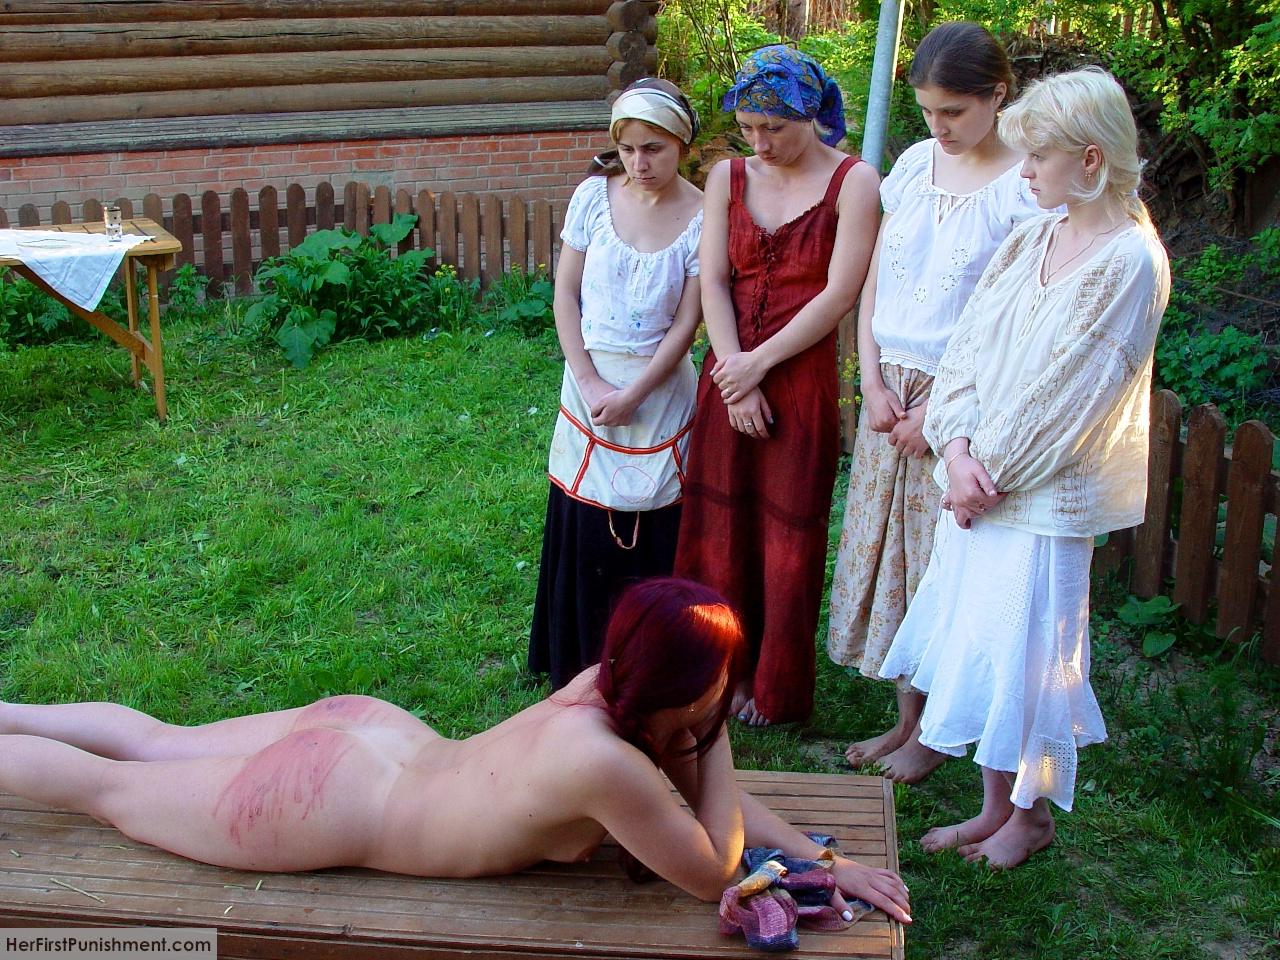 старый, американский порка девушек русское видео обнаженные тела просто